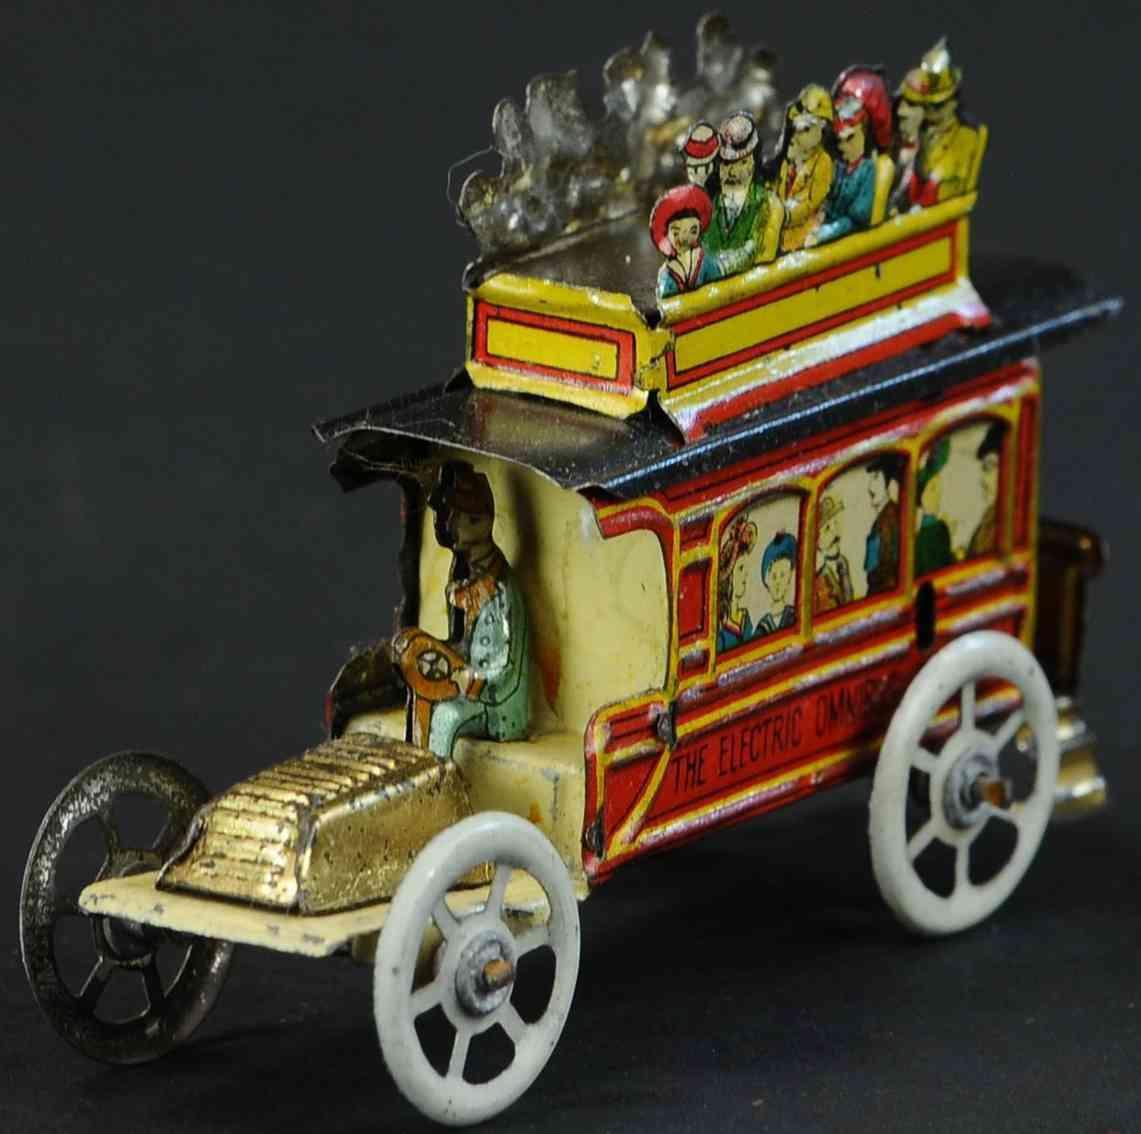 meier penny toy 1454 double decker bus